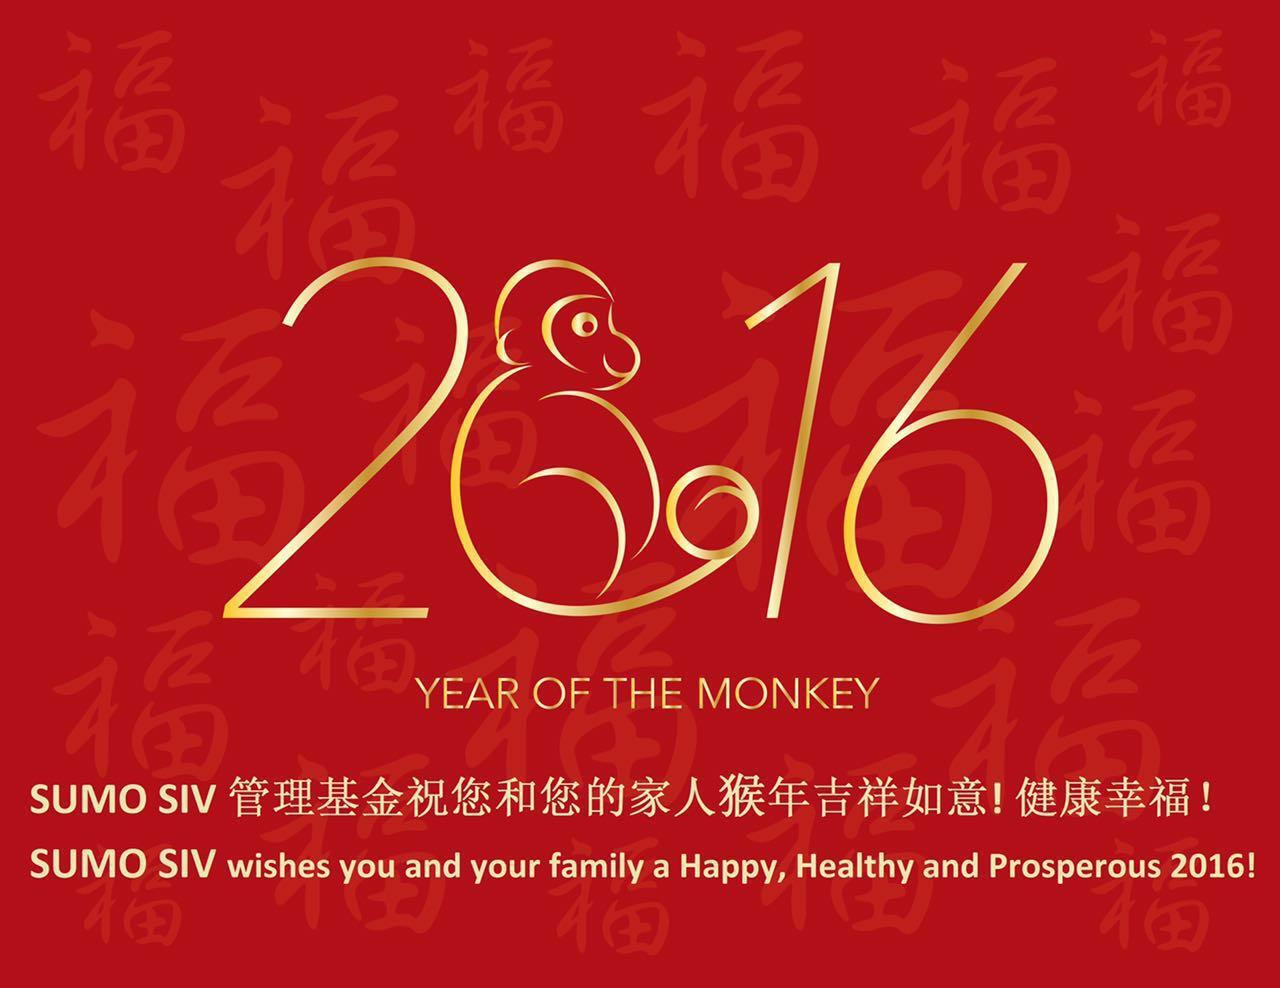 SUMO SIV Lunar New Year 2016